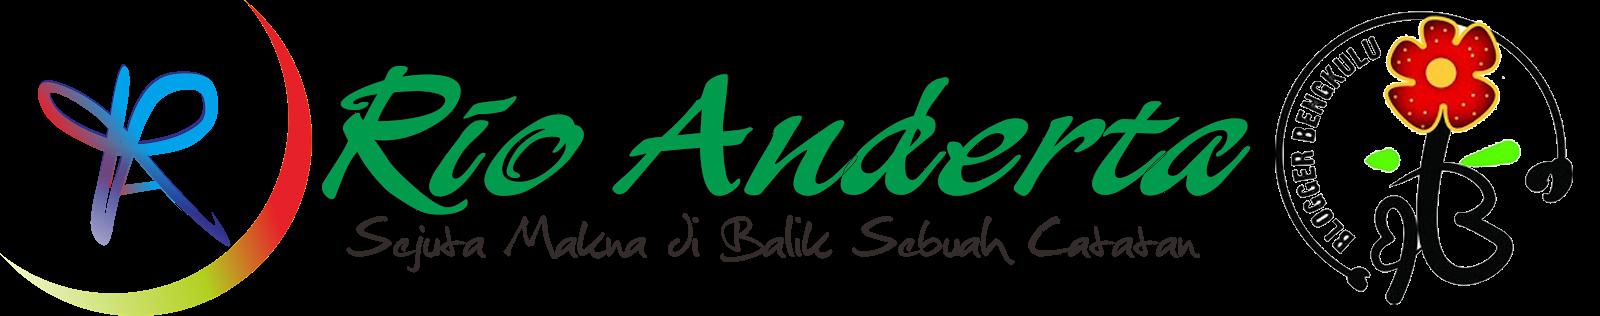 Rio Anderta